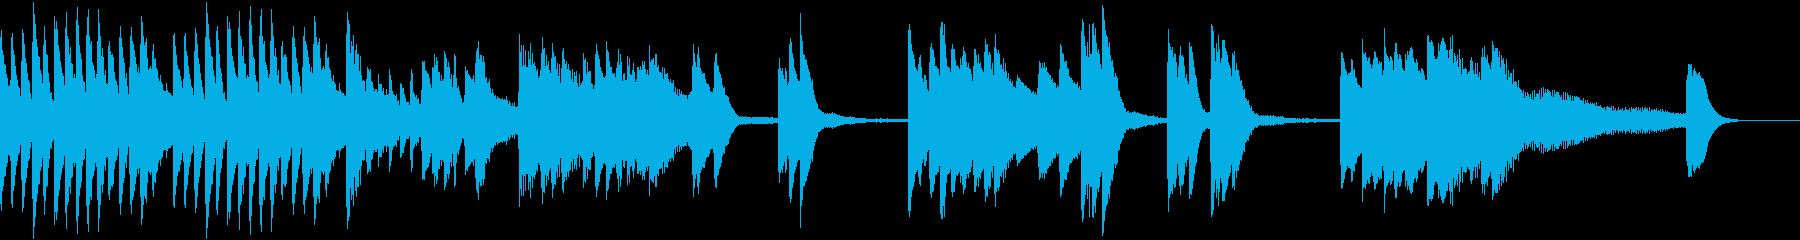 花火の燃える様を描いた夏のピアノジングルの再生済みの波形